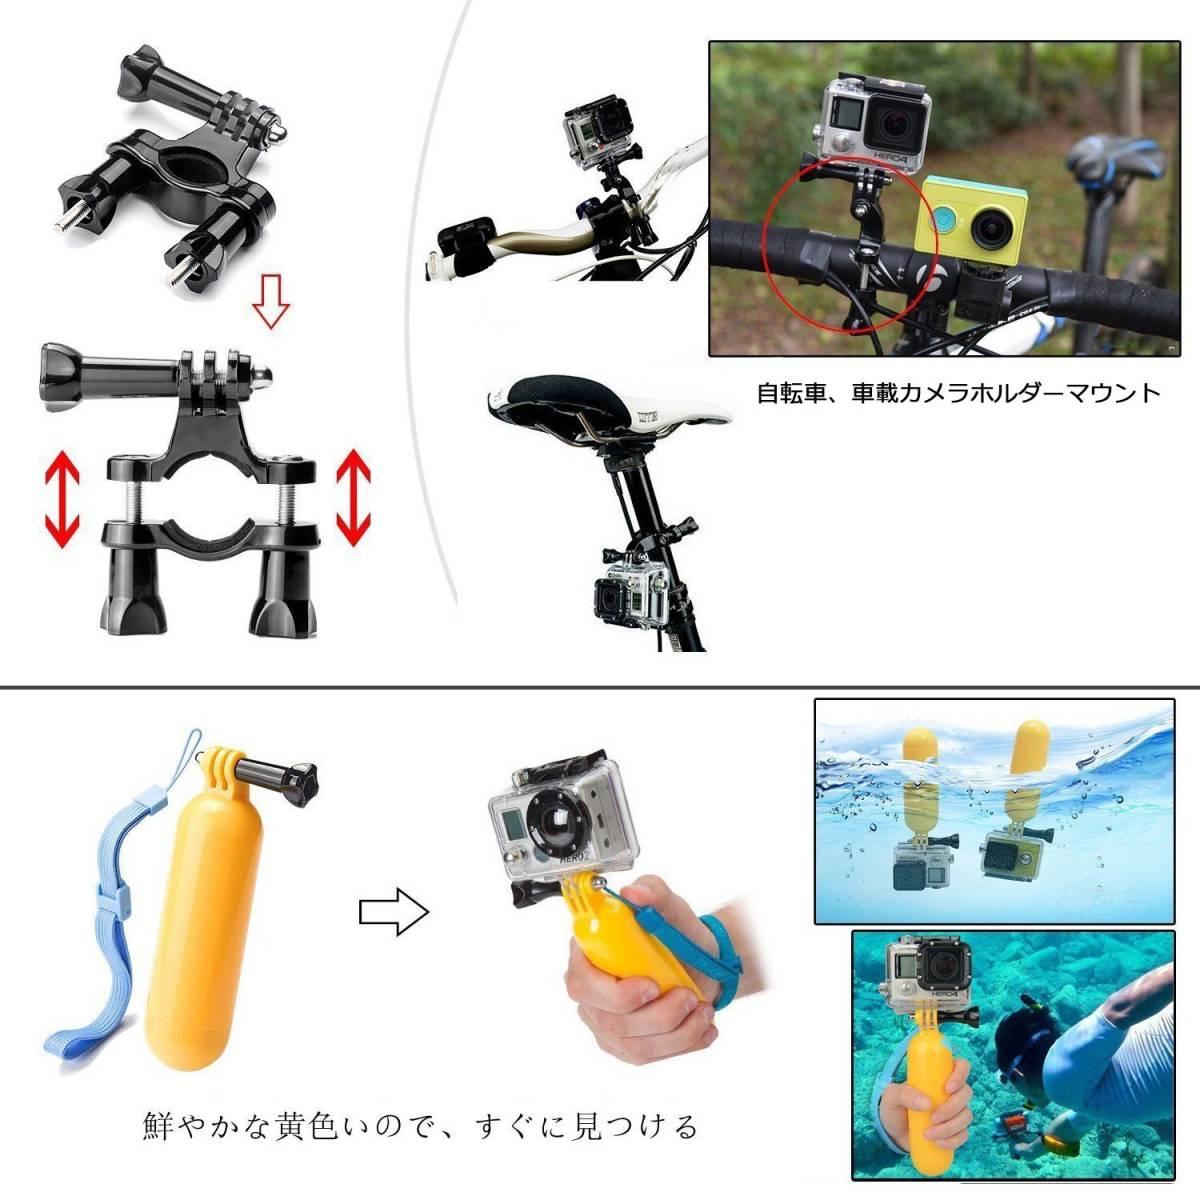 最新2018年モデル GoPro Hero 7 Black ゴープロ レンタル 4泊5日 アクセサリー フルセット バッテリー3個 前日お届け アクションカメラ_画像4